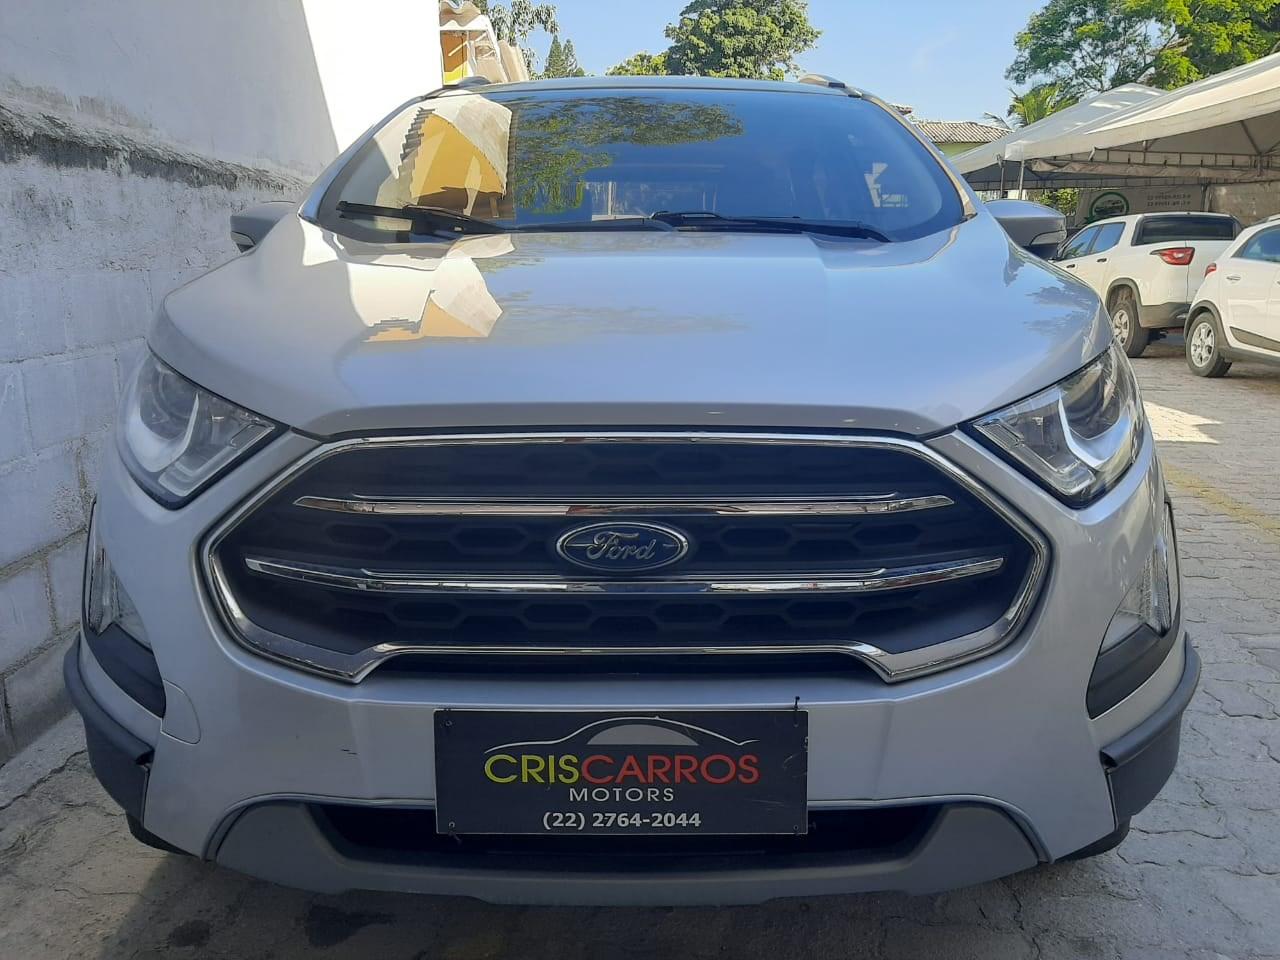 //www.autoline.com.br/carro/ford/ecosport-20-titanium-16v-flex-4p-automatico/2018/rio-das-ostras-rj/13804618